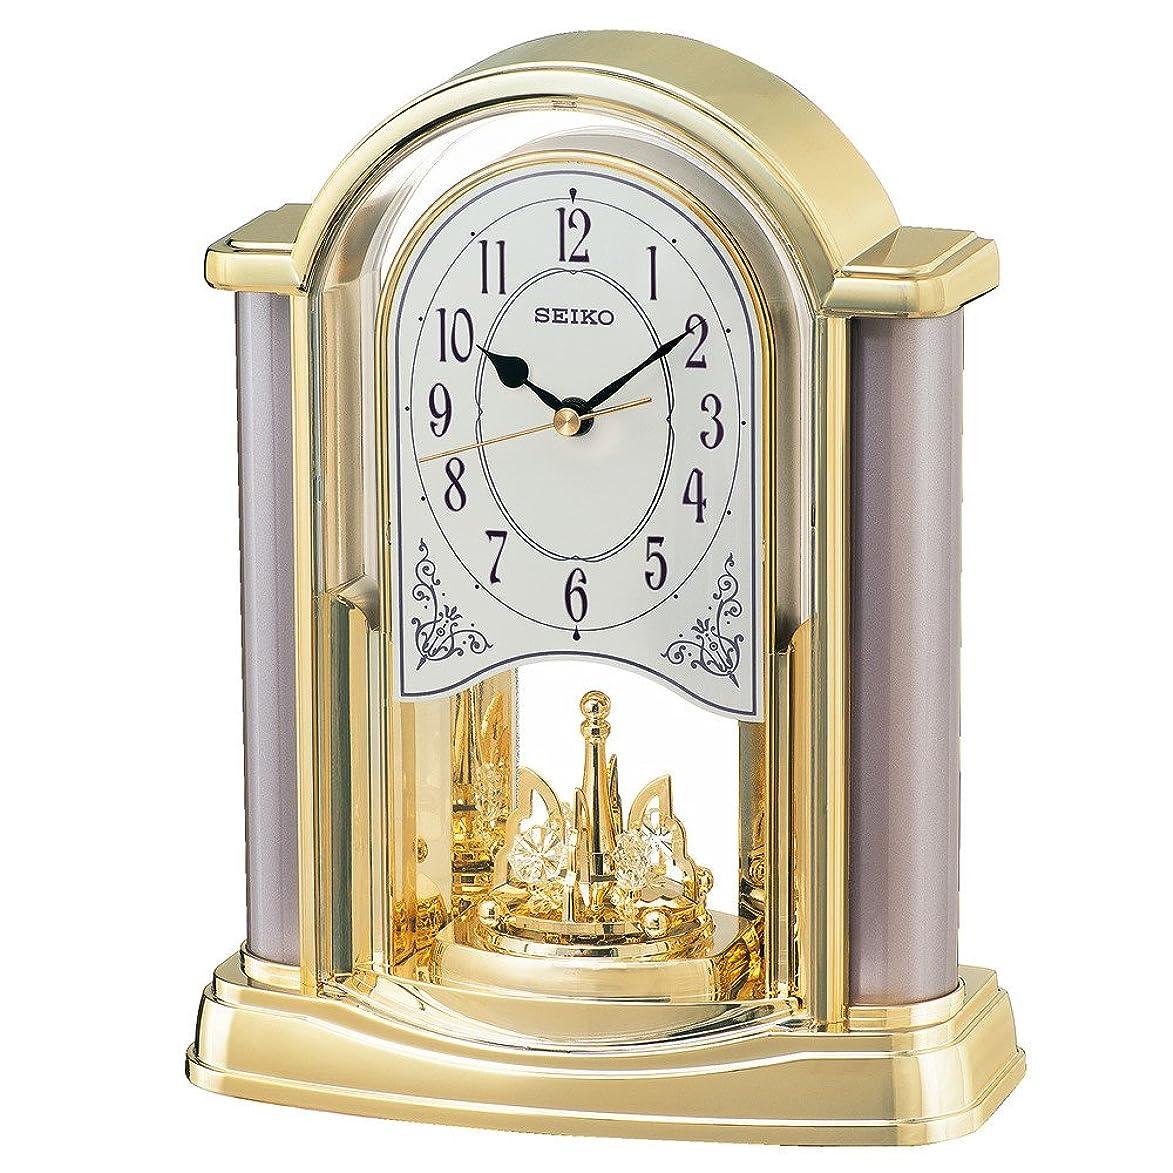 通行料金めったにマージンセイコー クロック 置き時計 アナログ 回転飾り 金色 BY418G SEIKO